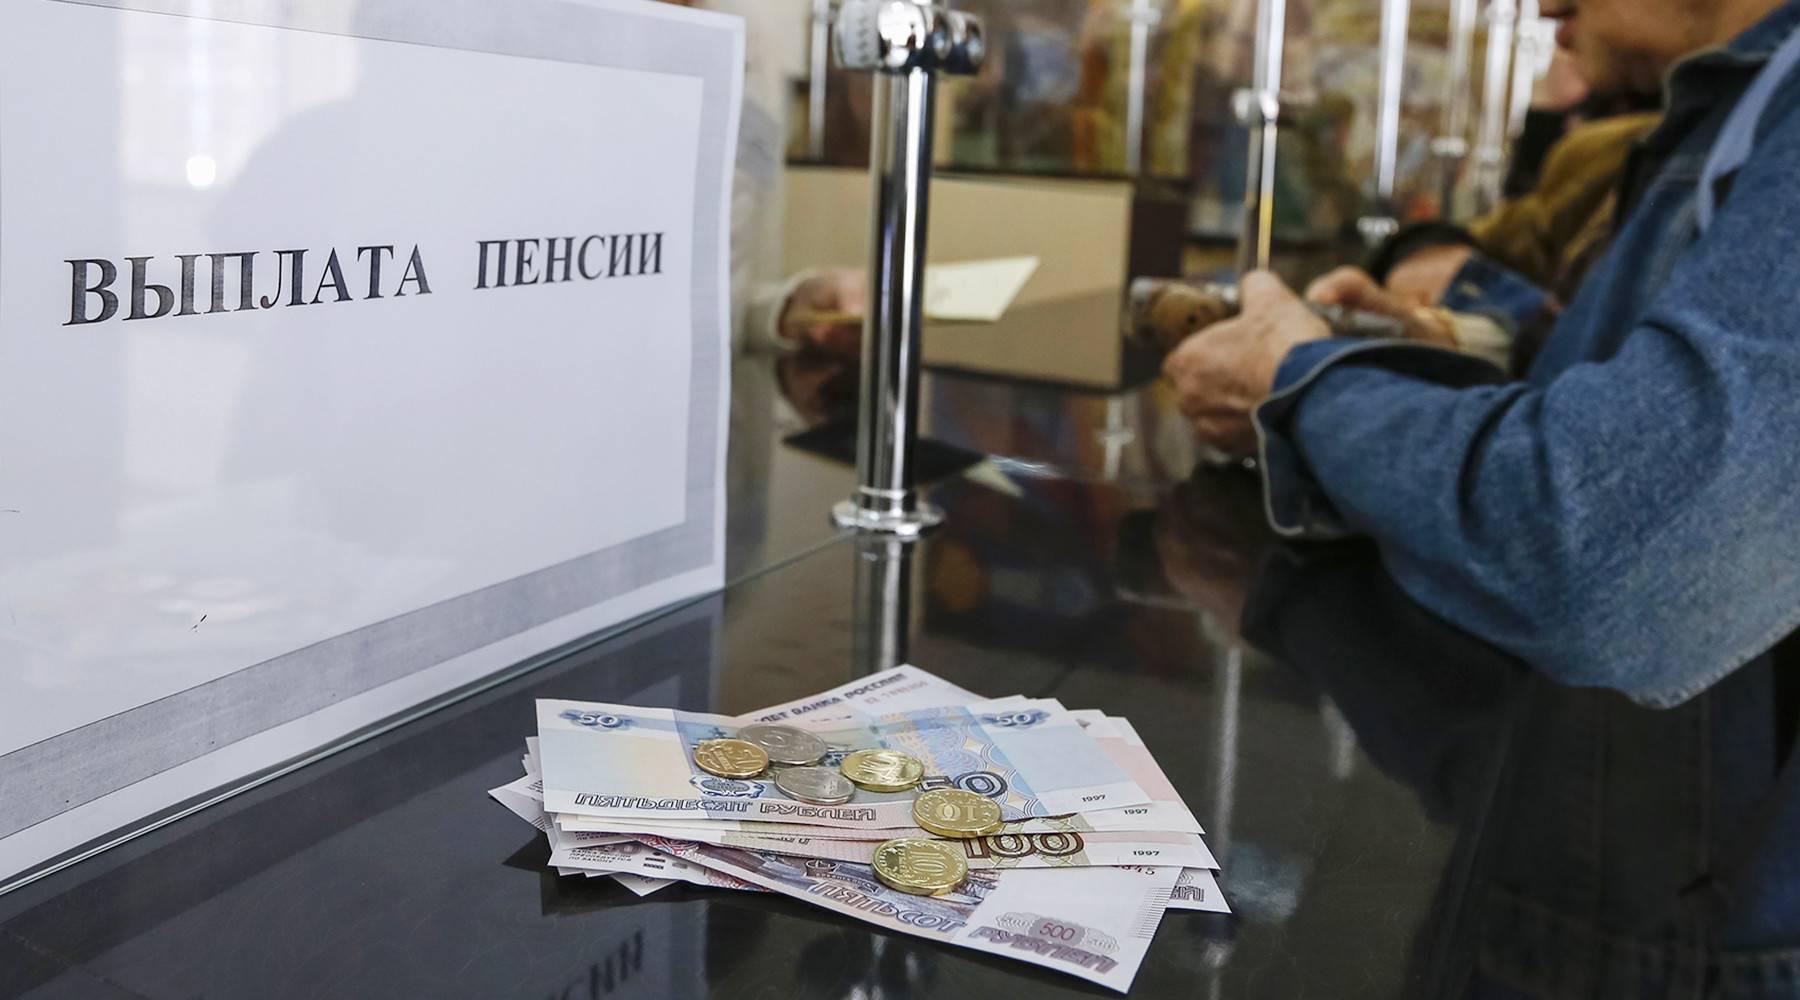 Правительство направит более 900 млн руб. на выплаты пенсионерам